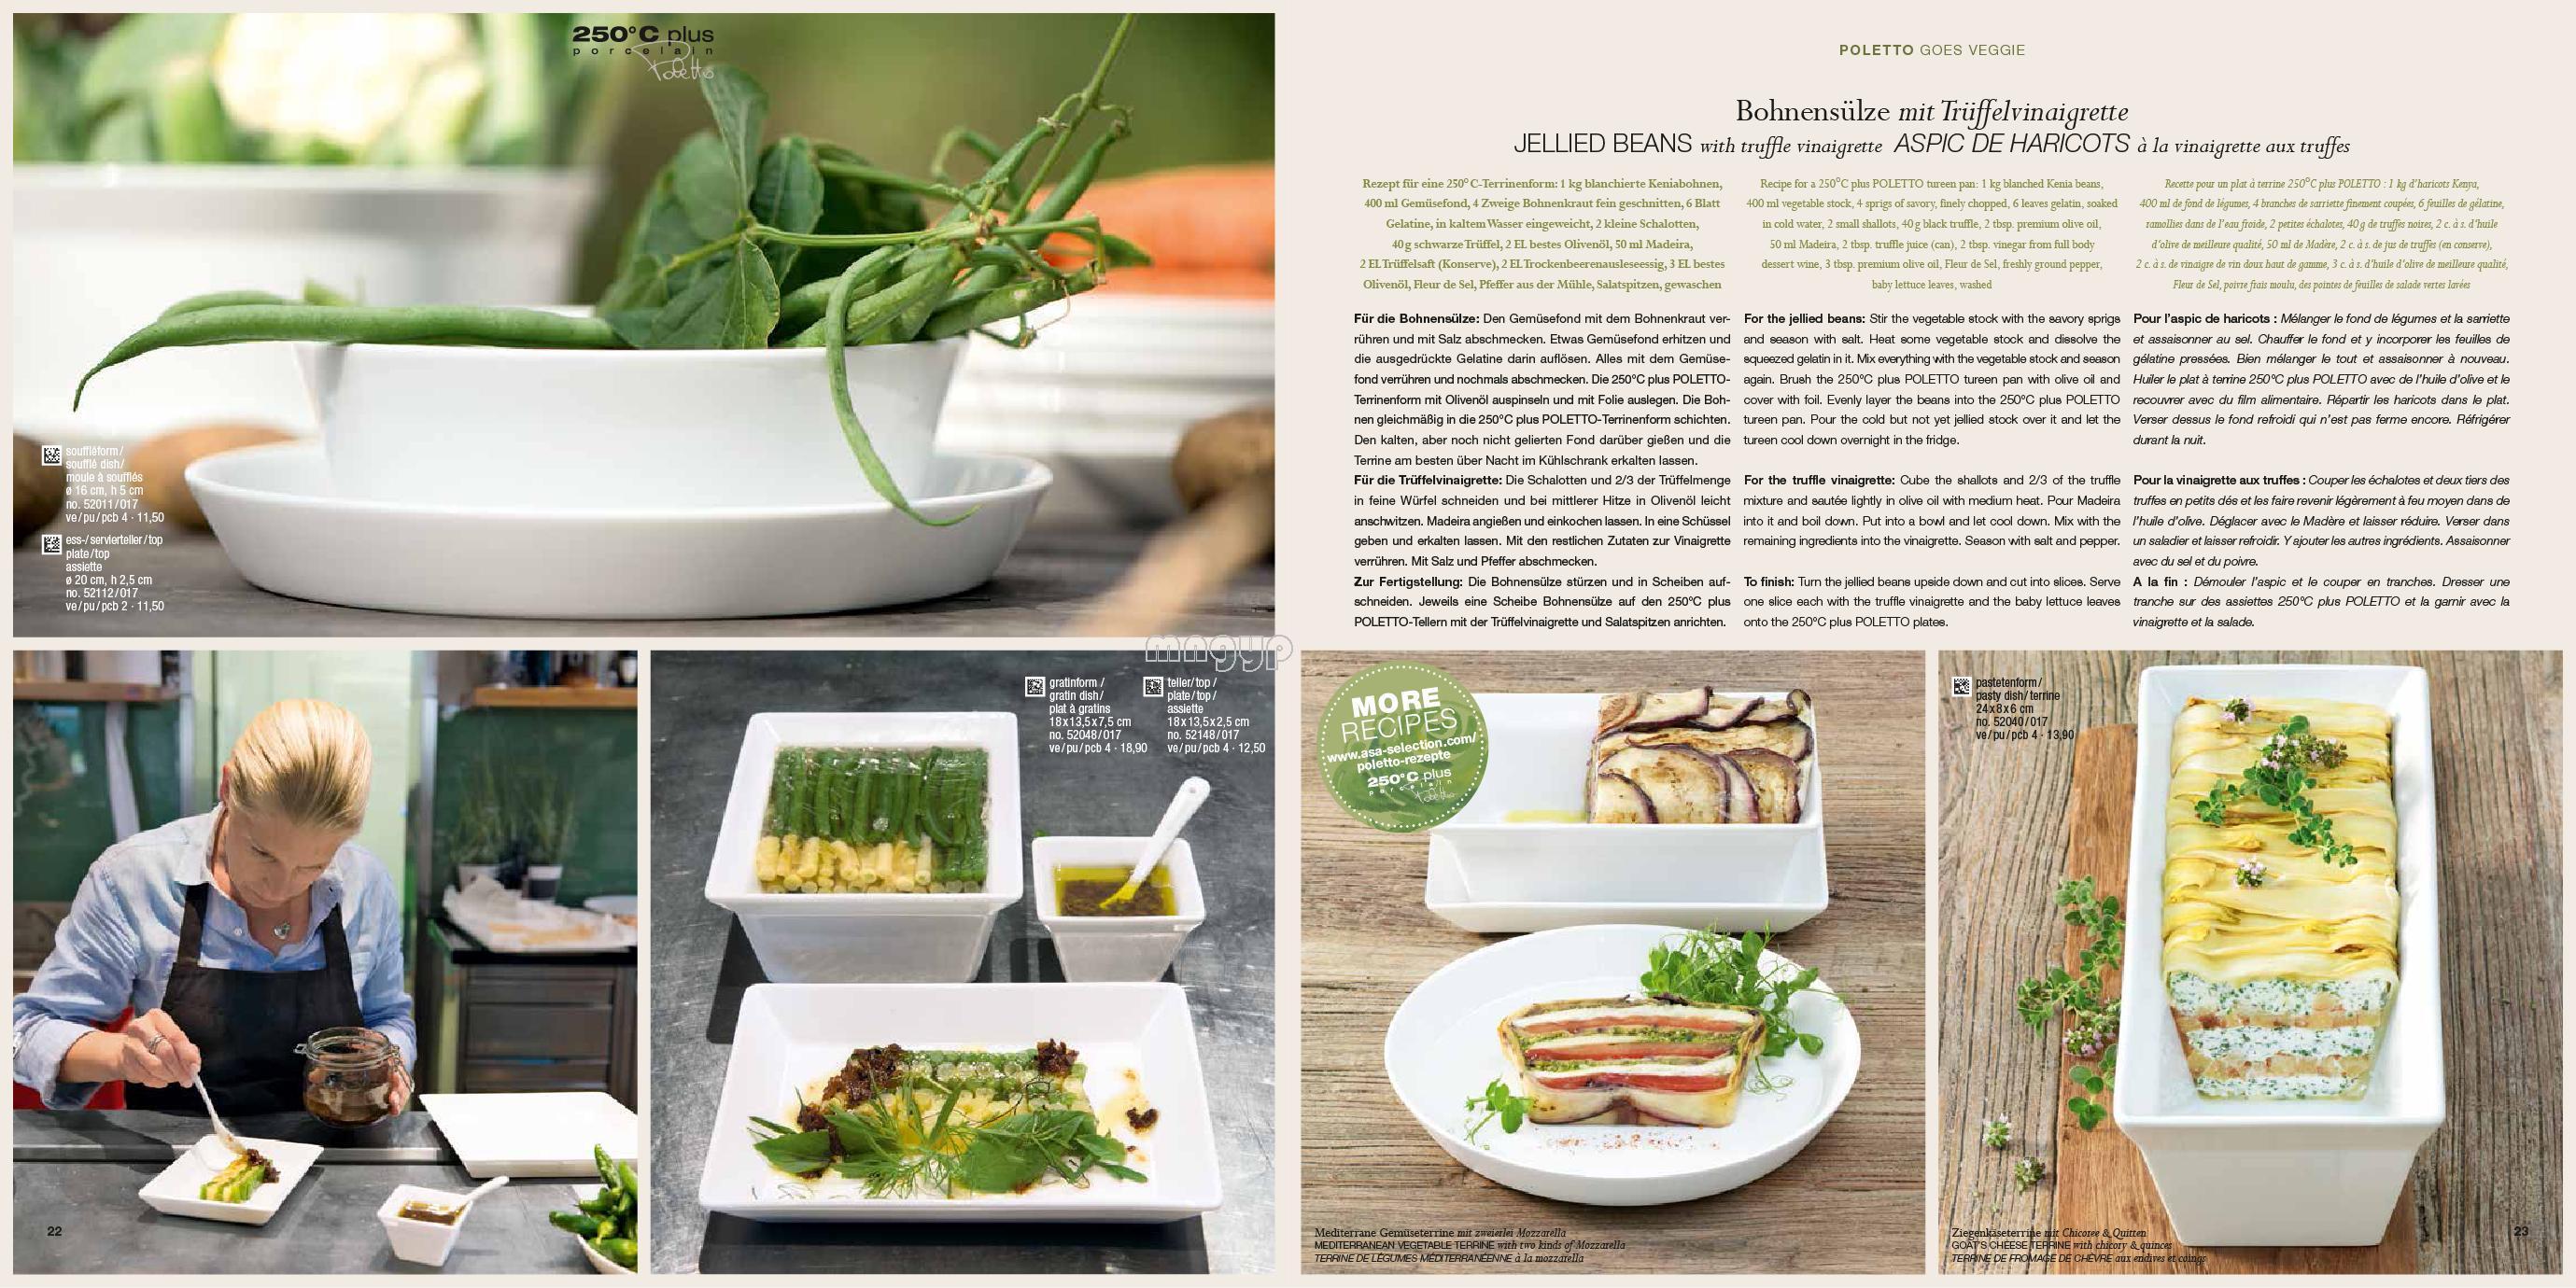 2014陶瓷餐具目录_2759*1380图片